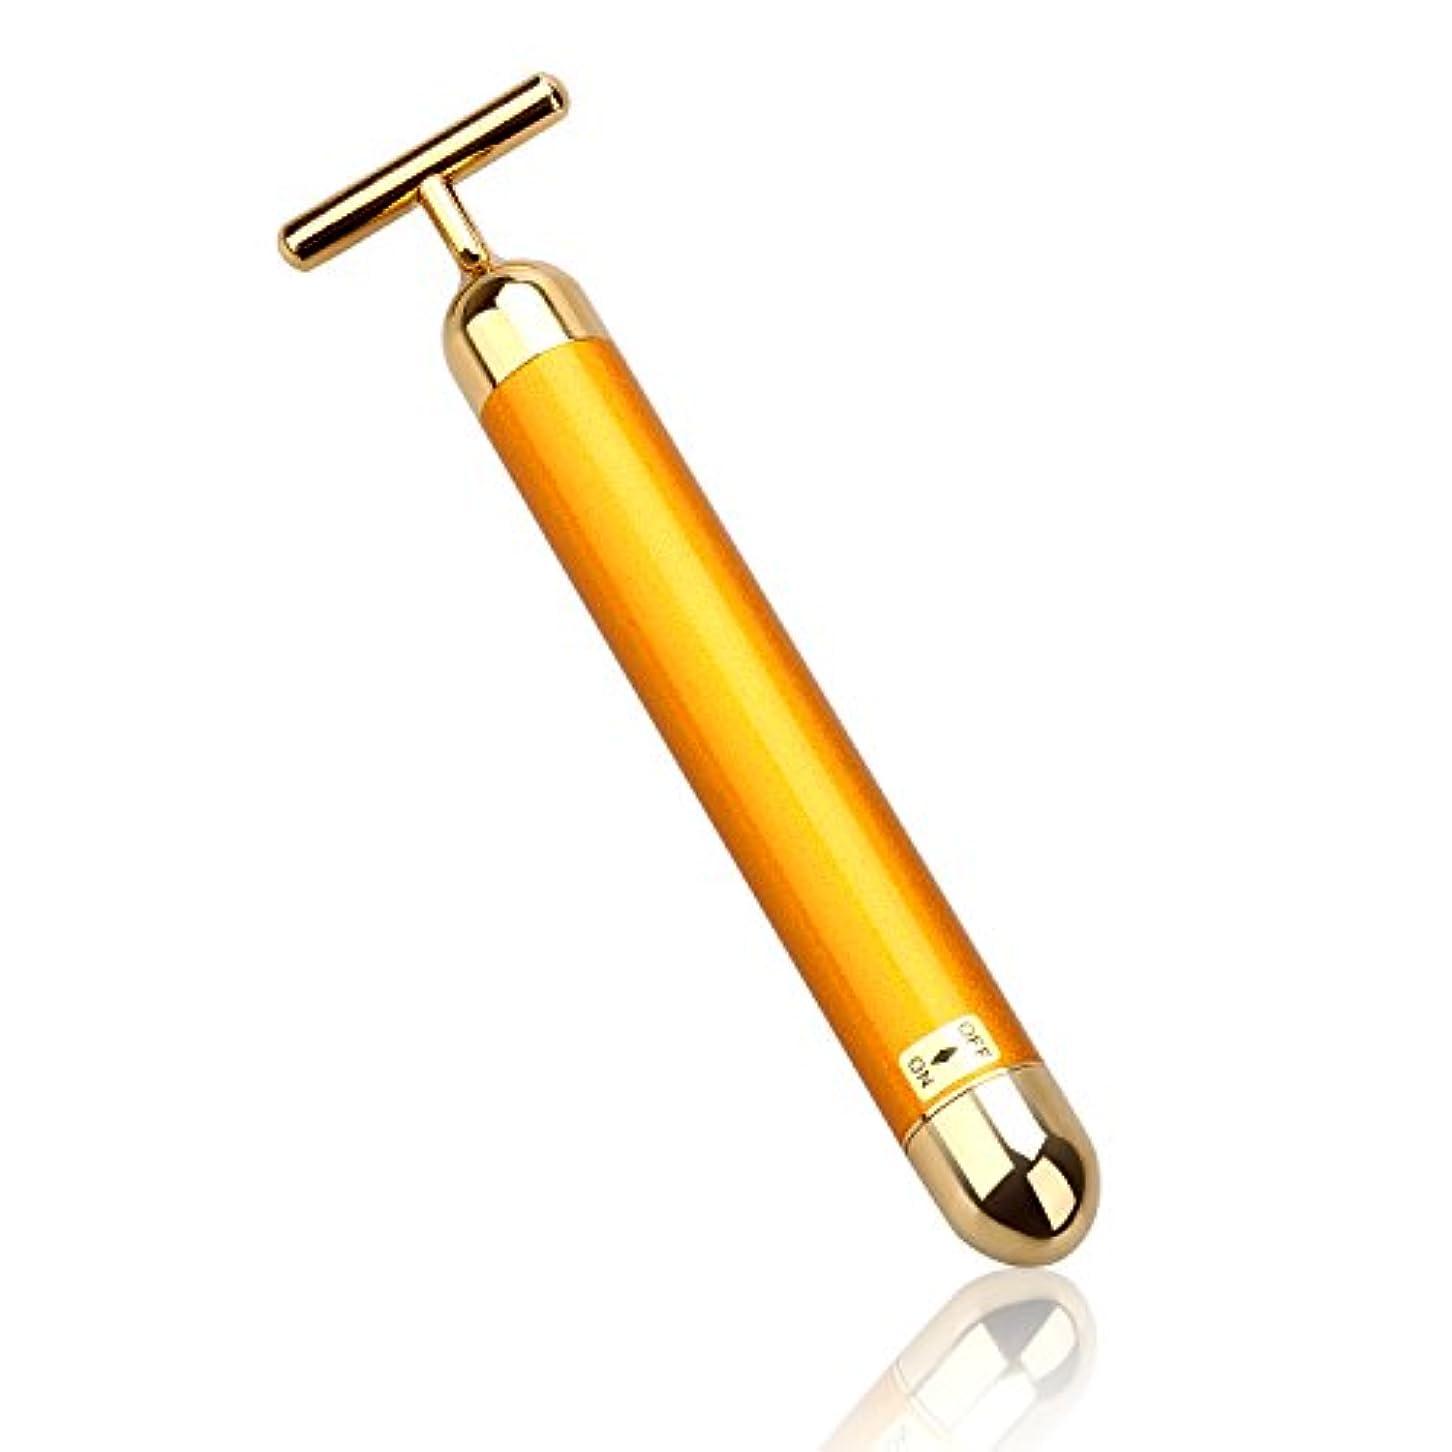 脱獄ストレスの多い帰るLEVIN 電動美顔器 ビューティーバー フェイスパー 電動美顔器 美肌 防水 ゴールド